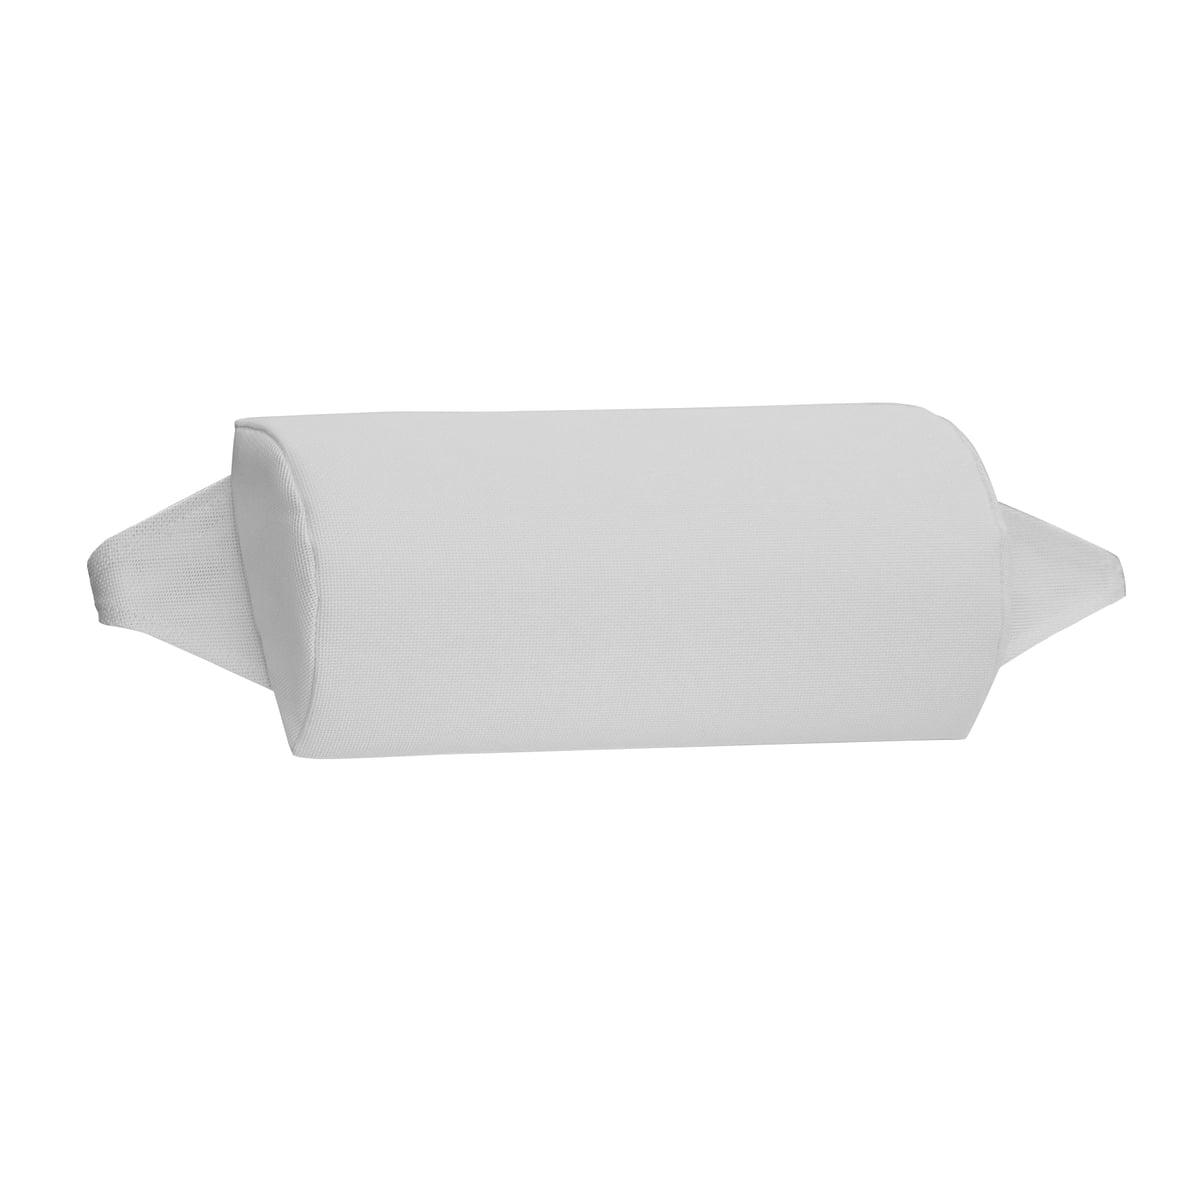 Fiam - Nackenrolle, weiß | Schlafzimmer > Kopfkissen > Nackenstützkissen & Nackenrollen | Weiß | Fiam